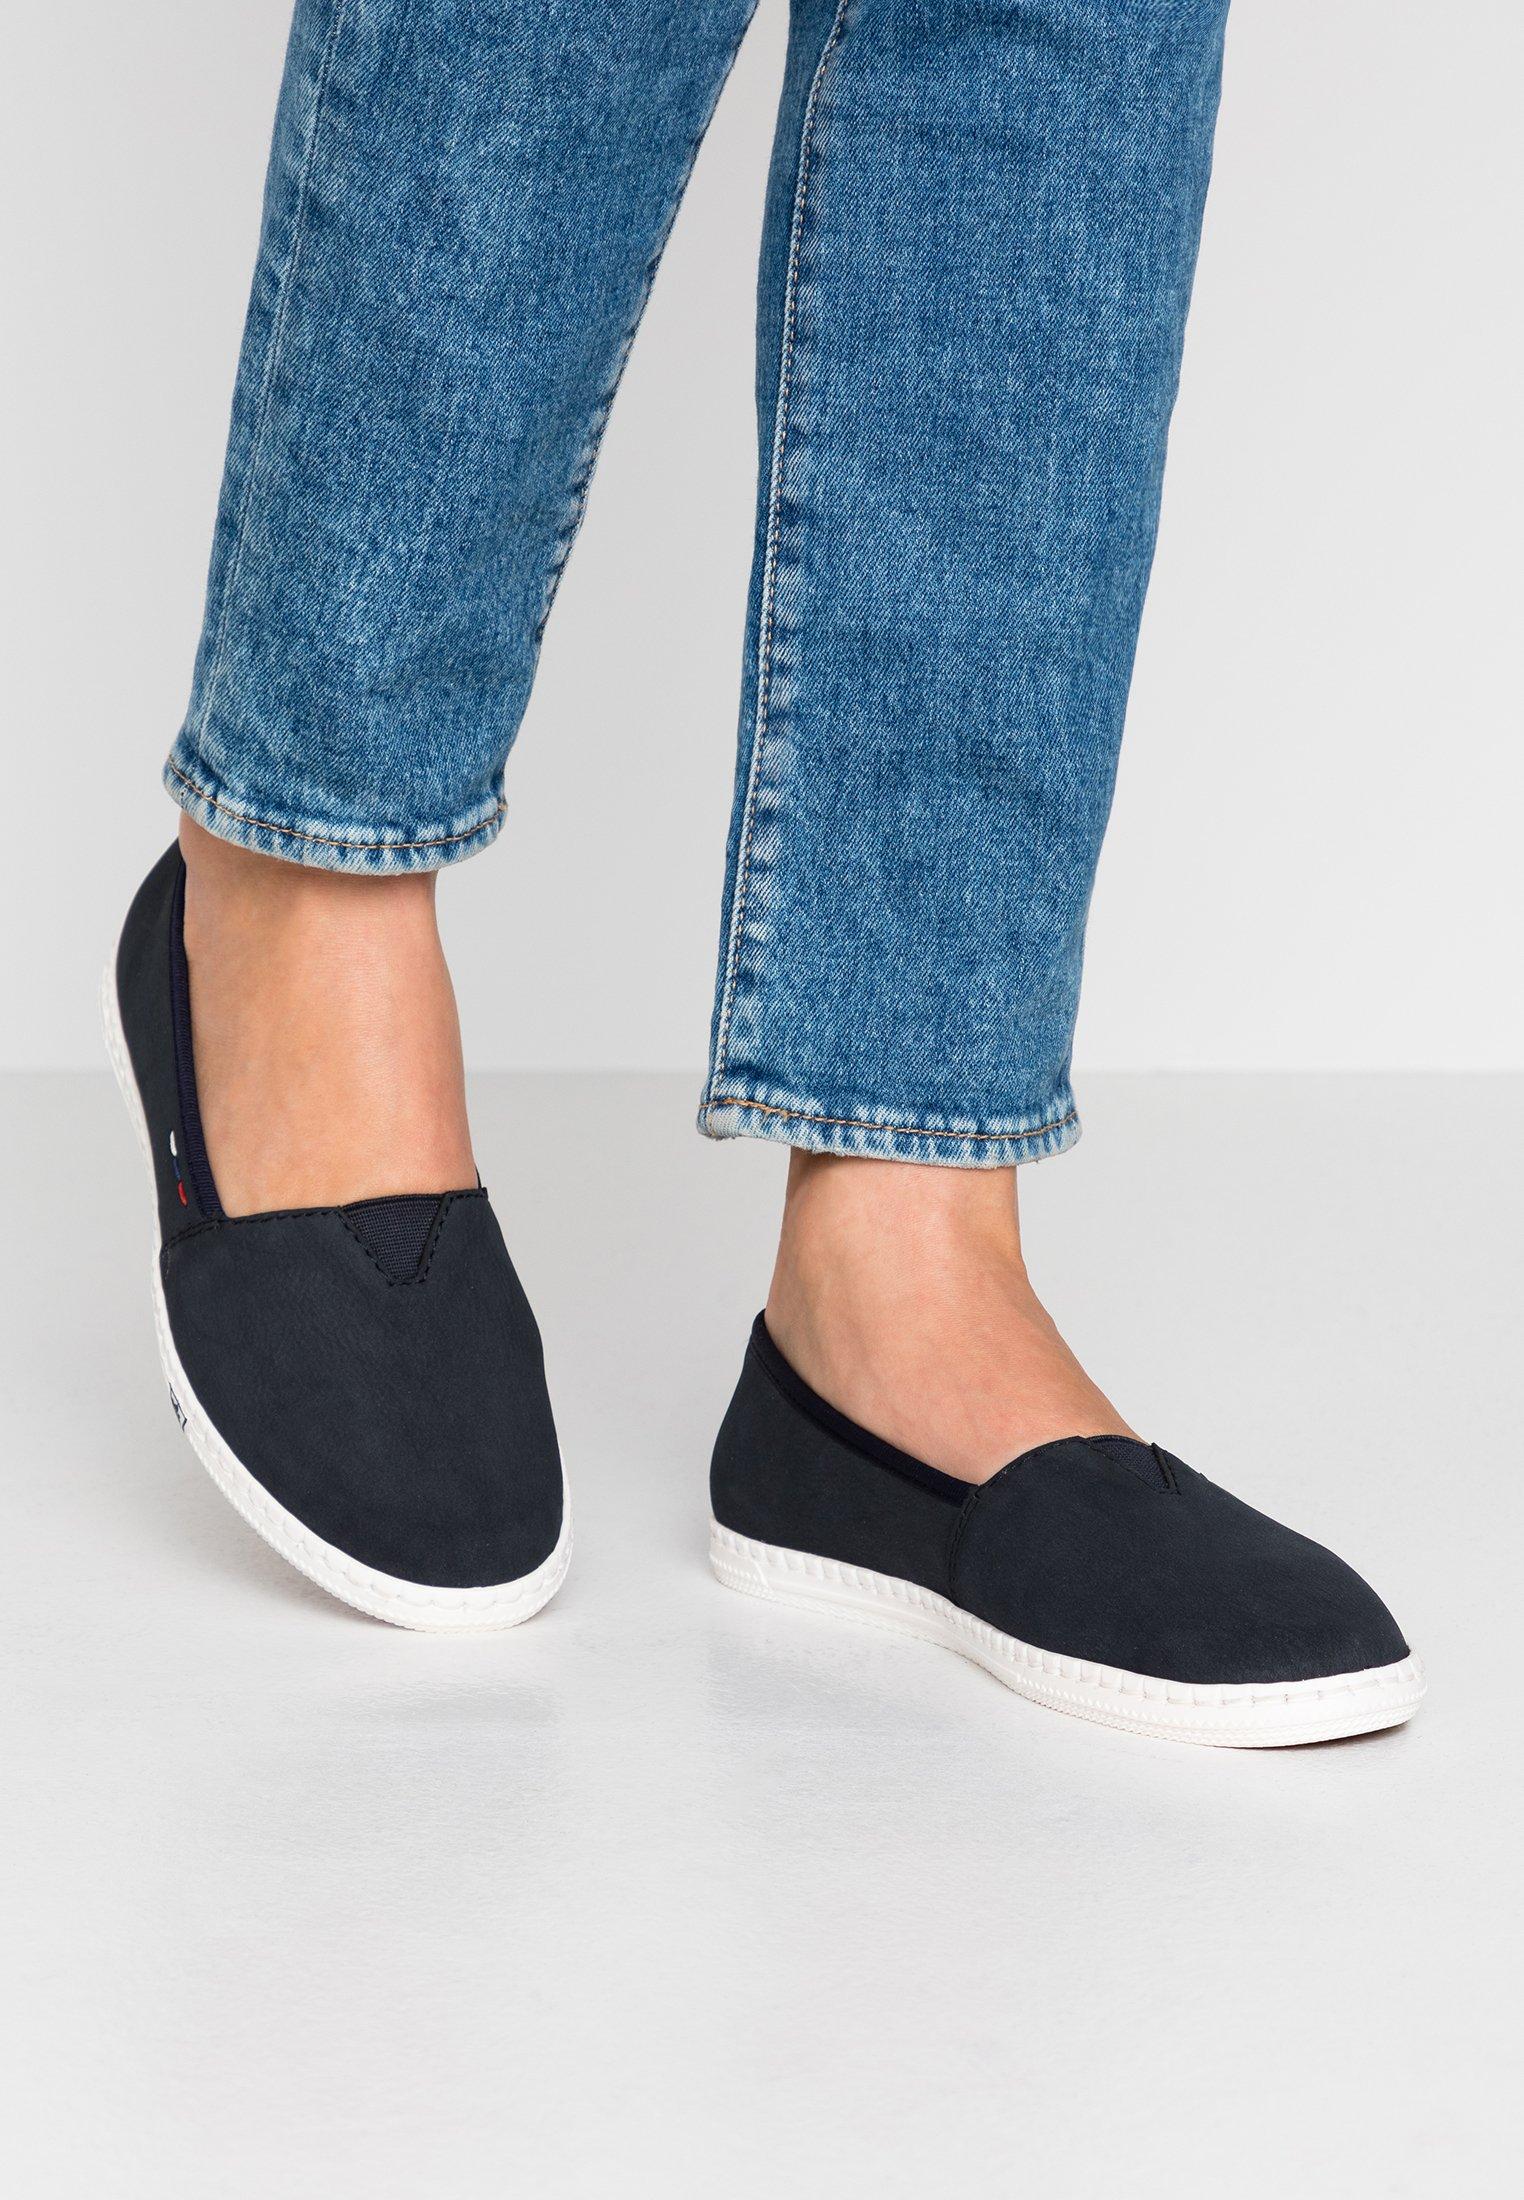 Rieker Schuhe für Damen versandkostenfrei kaufen| ZALANDO